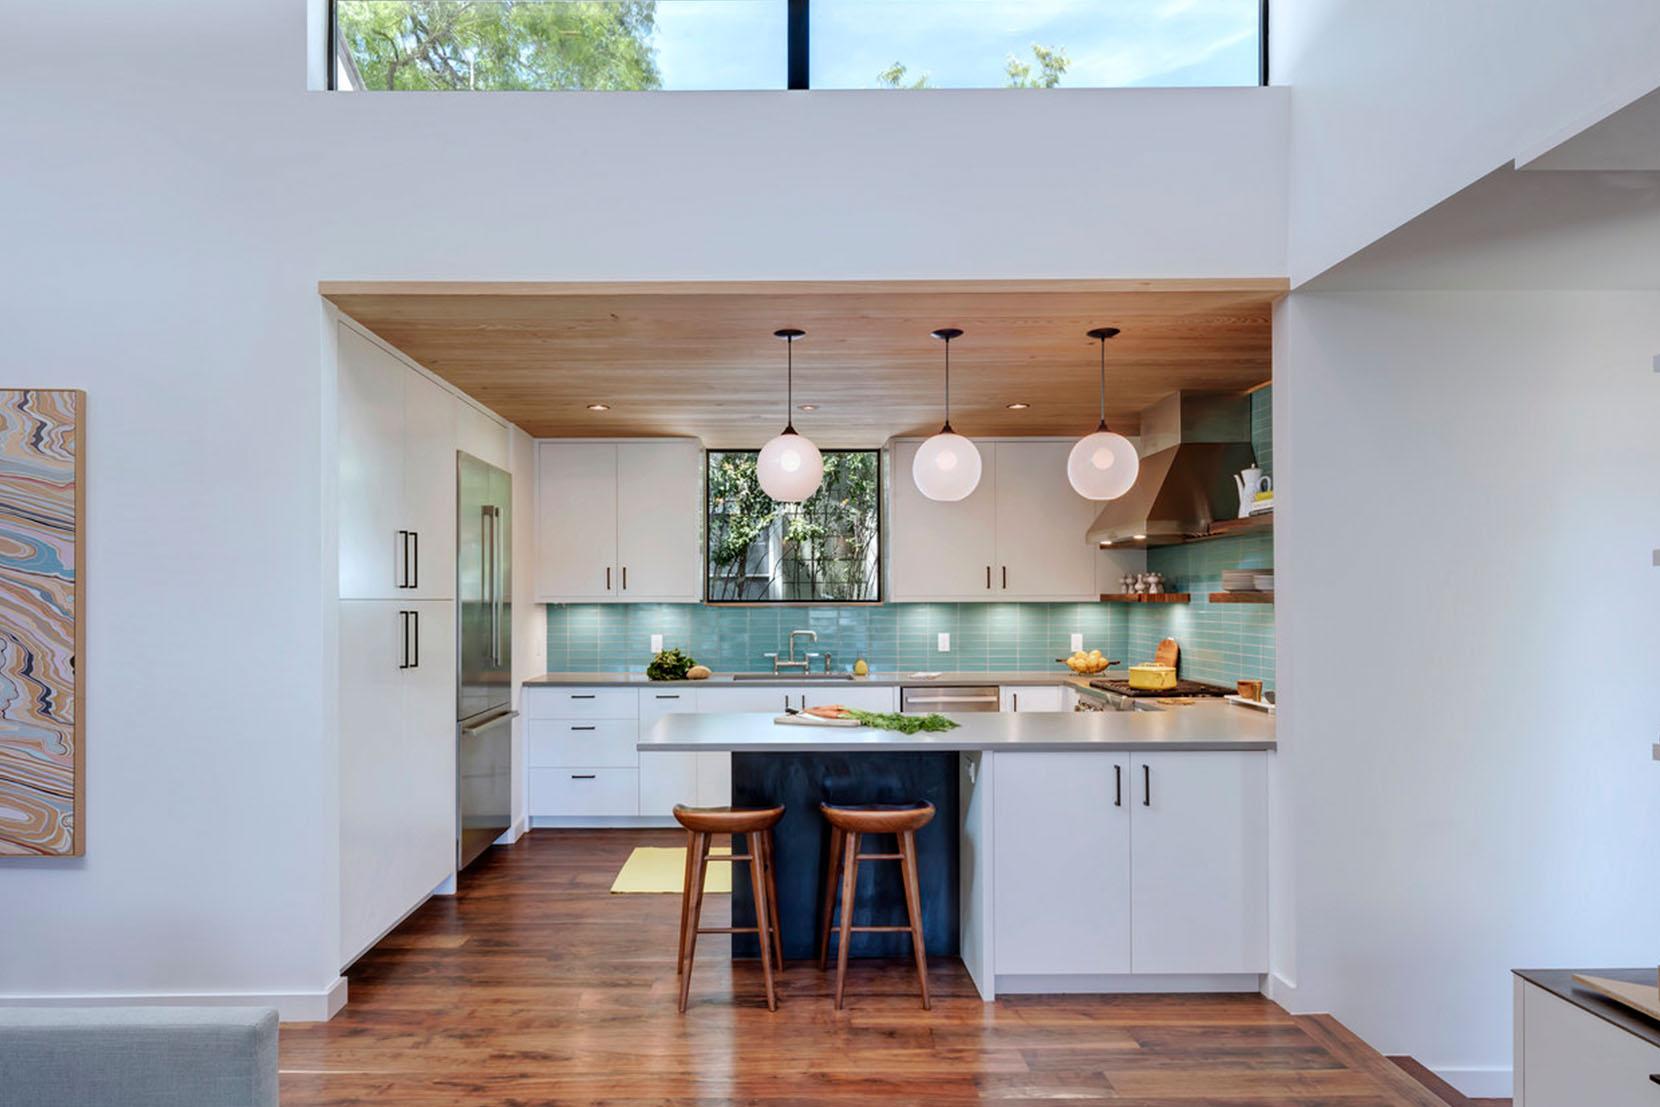 Modern-Kitchen-Lighting-Pages-Interlock-Home-Opaline.jpg